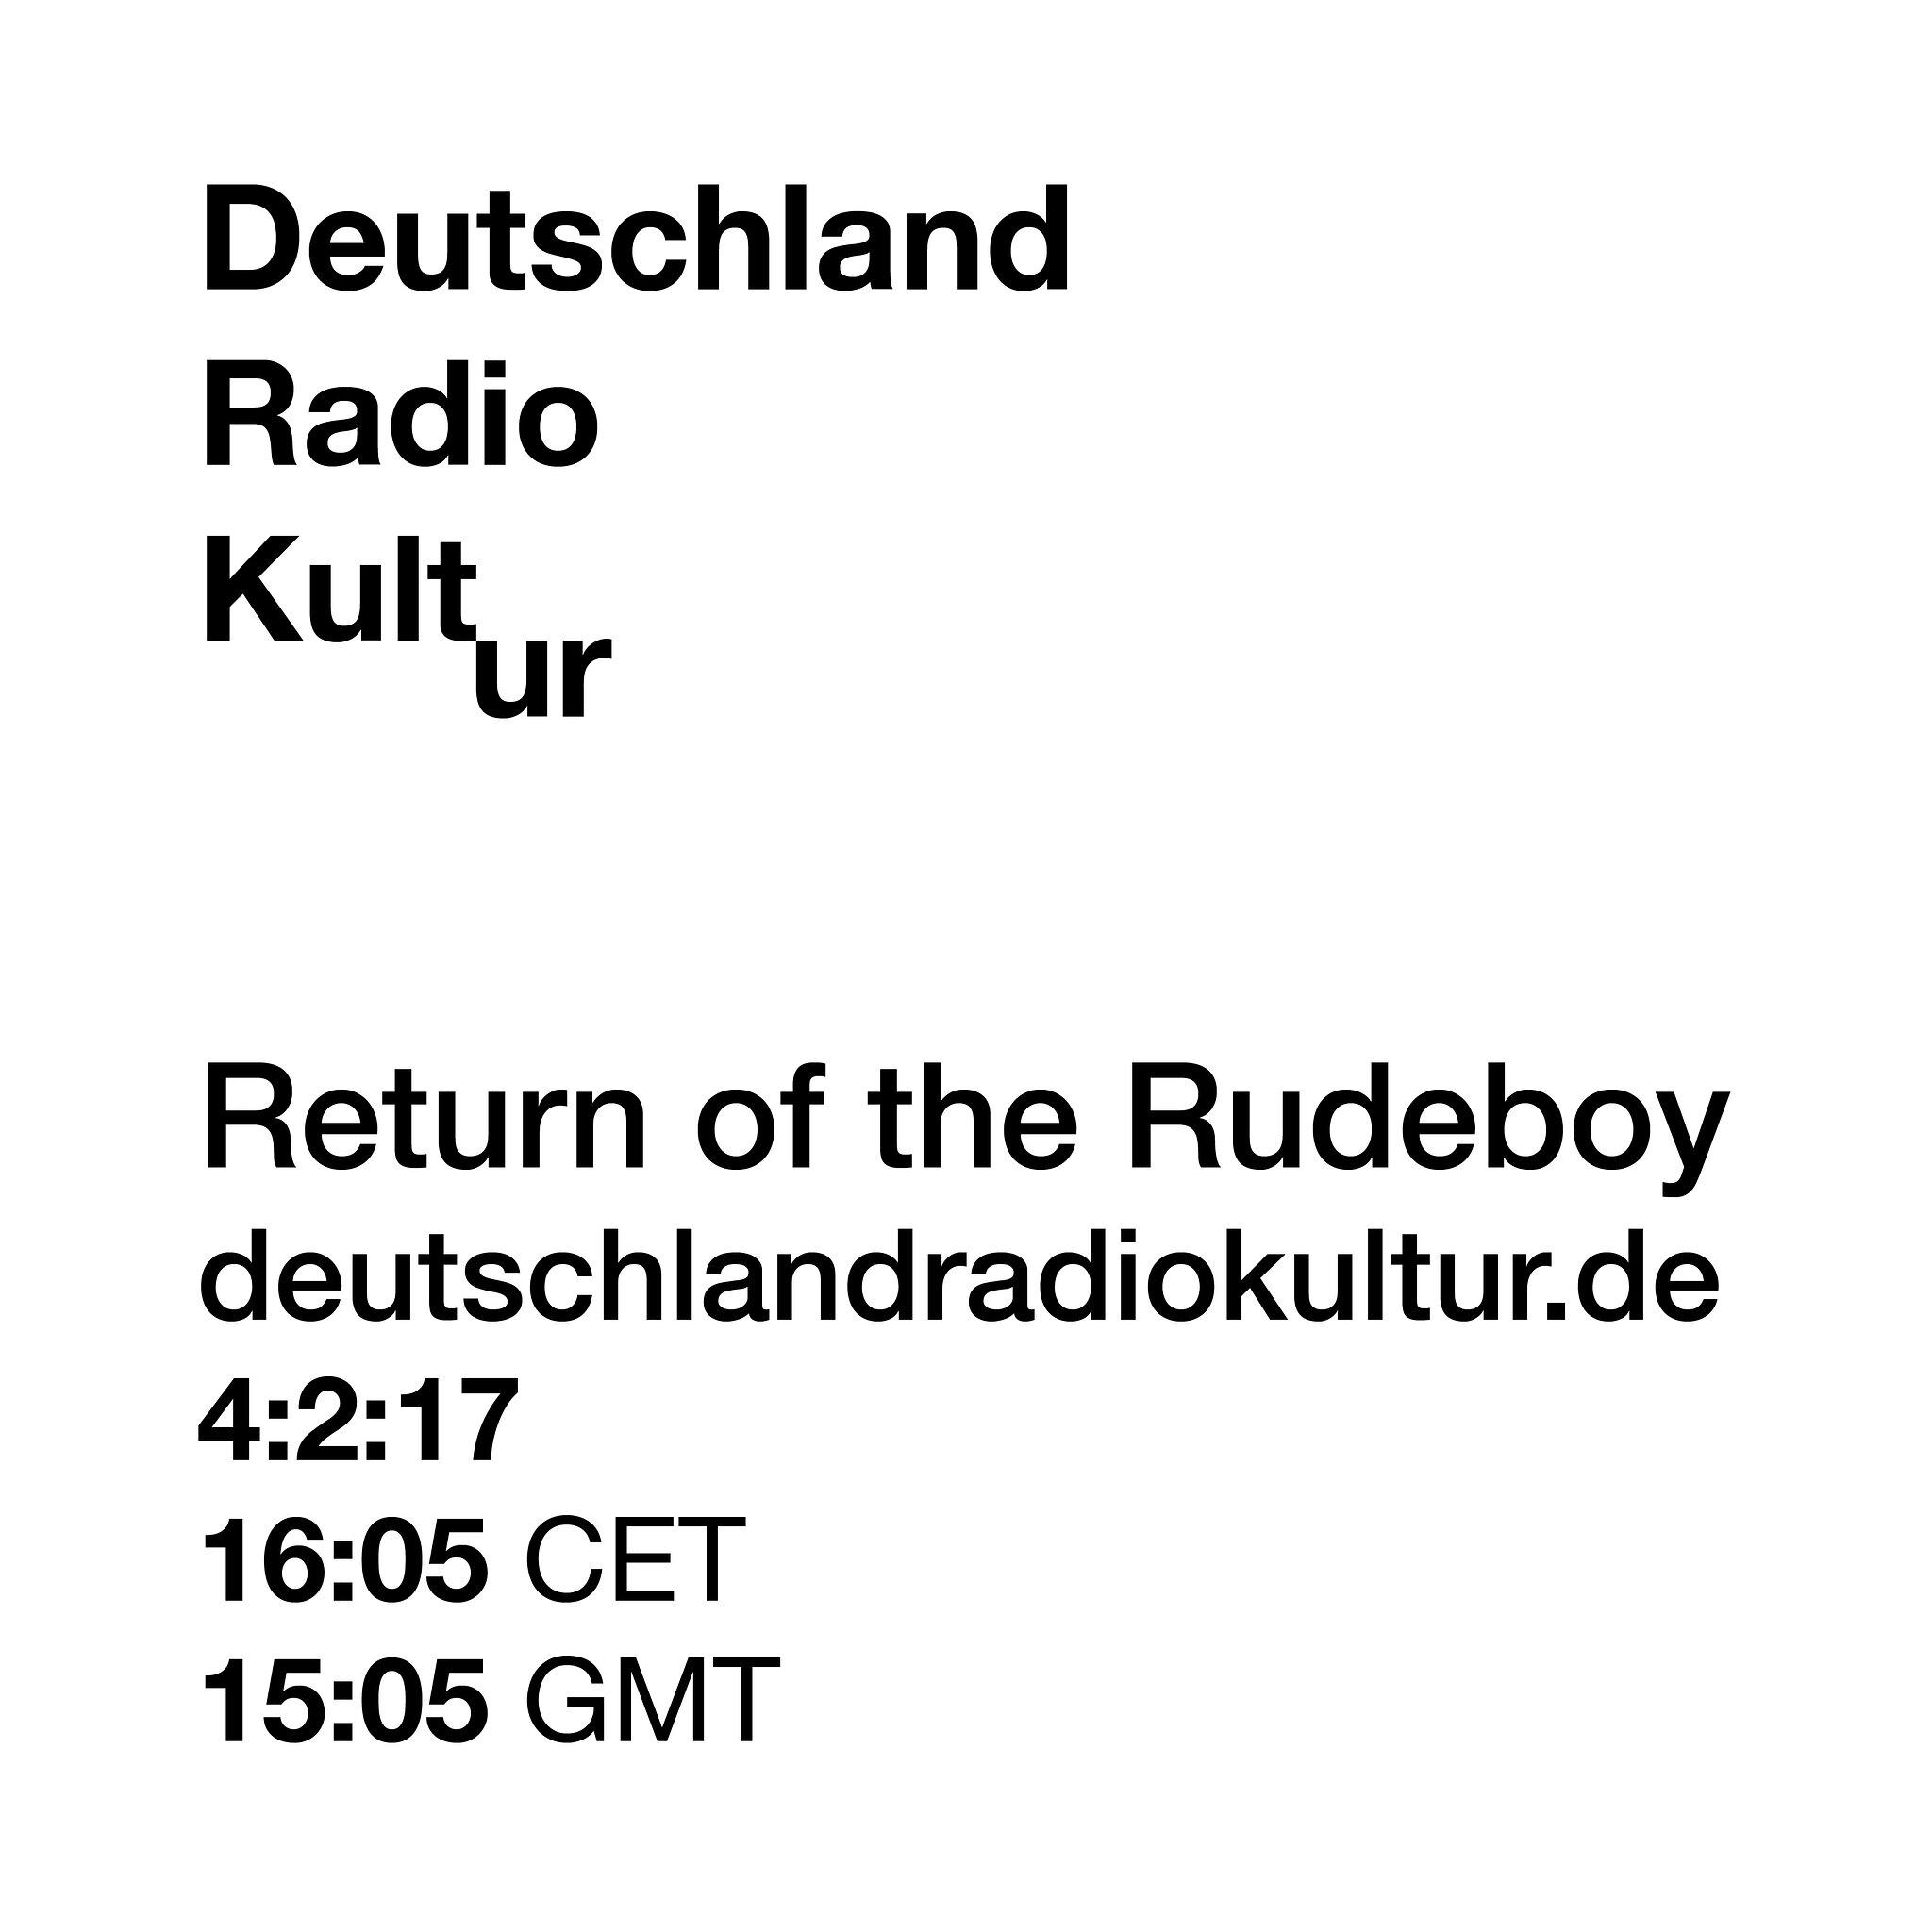 deutschlandradiokultur